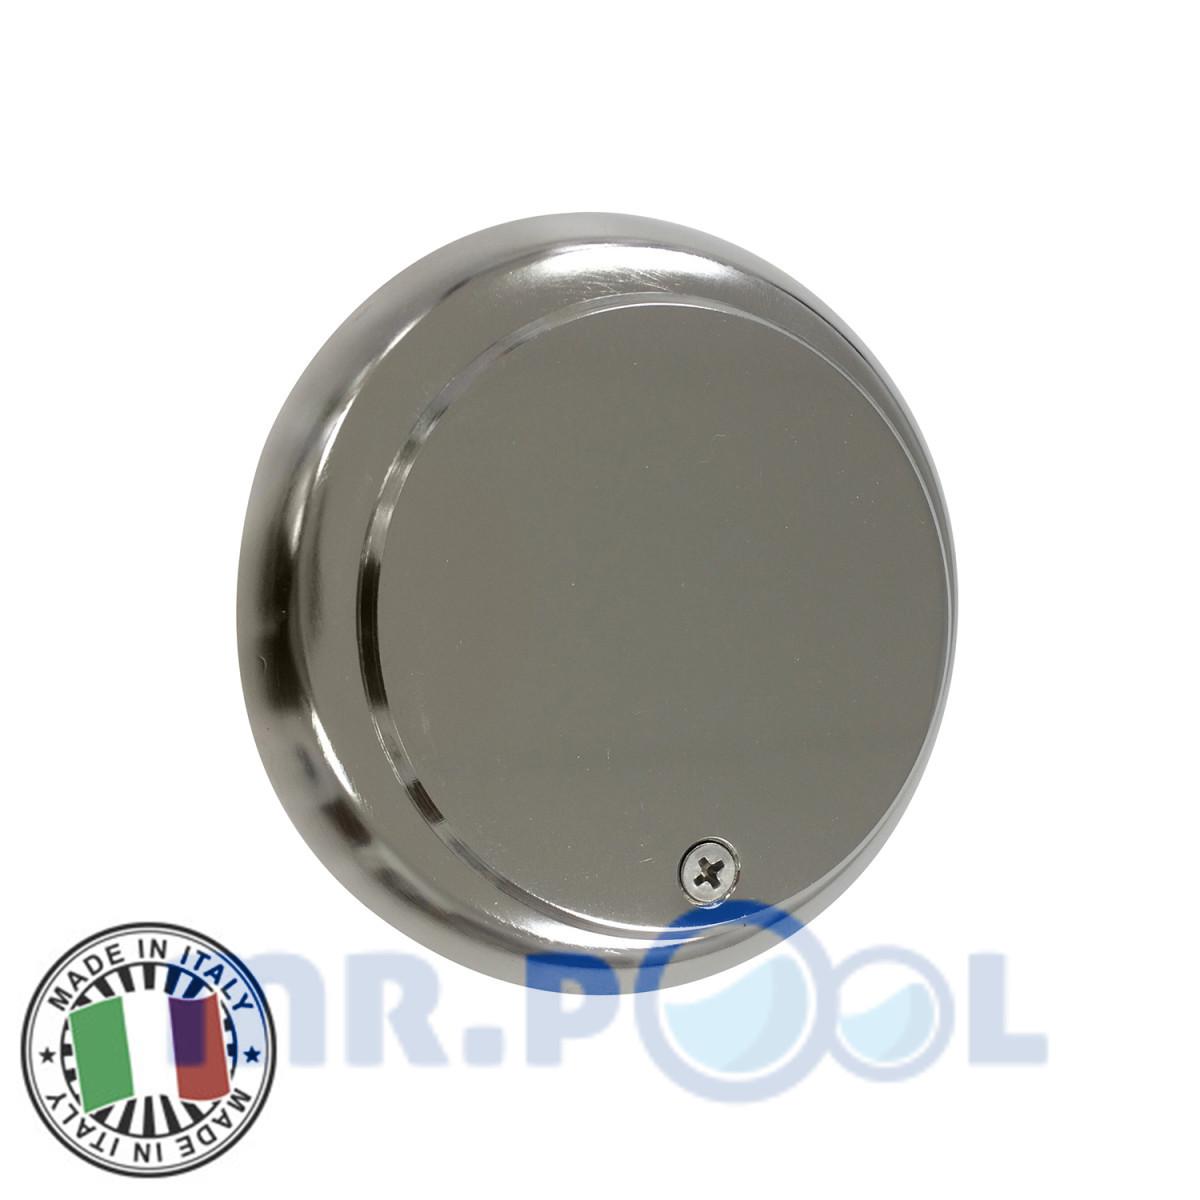 Форсунка для пылесоса под бетон Marpiscine 17028 (2″) нерж.сталь